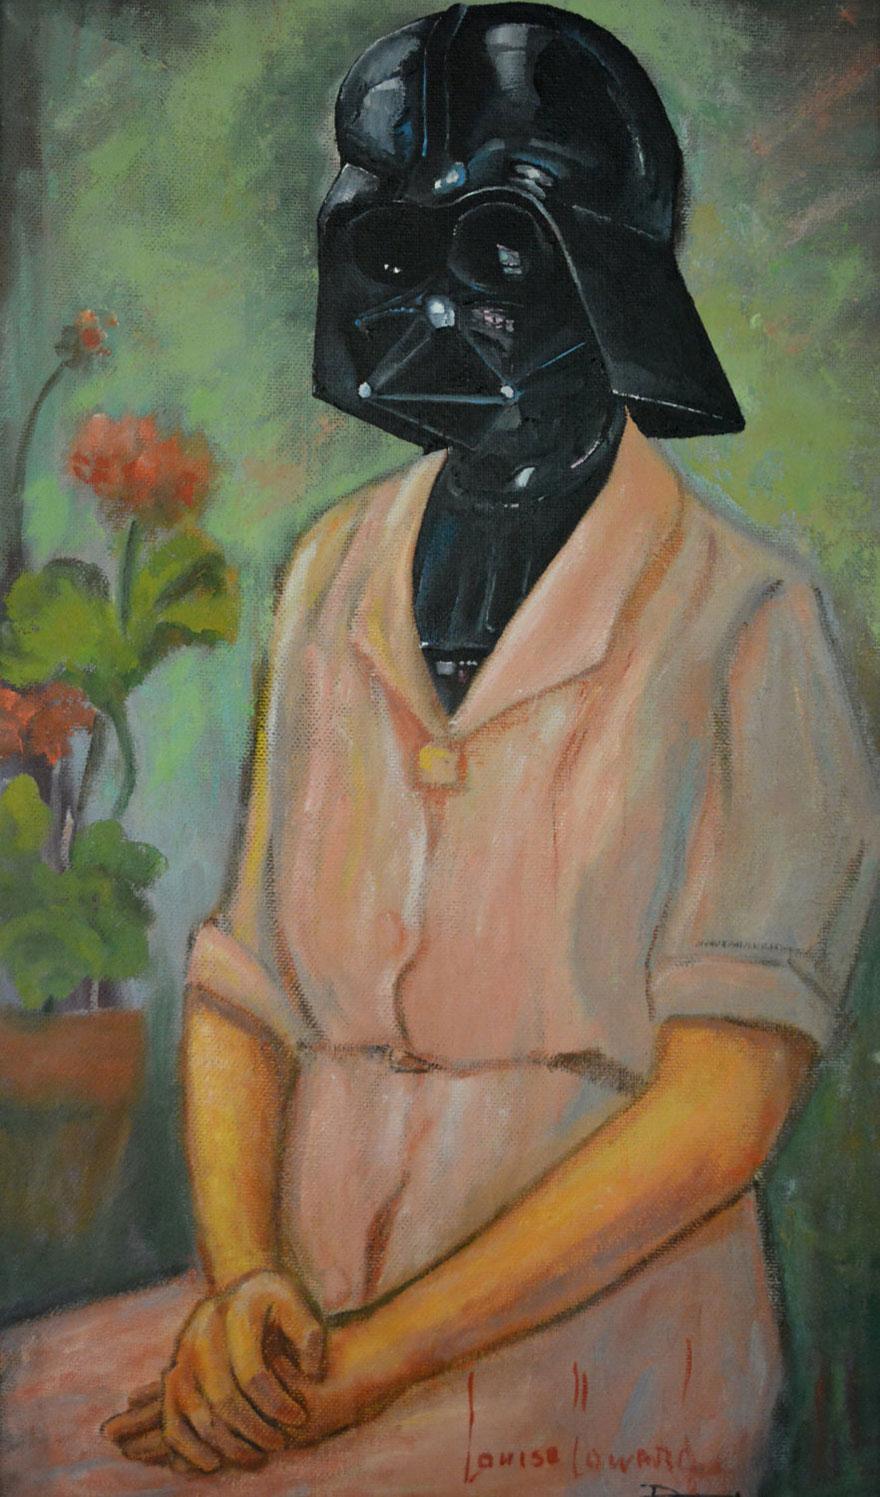 Personajes de la cultura pop incorporados en viejas pinturas de 2ª mano